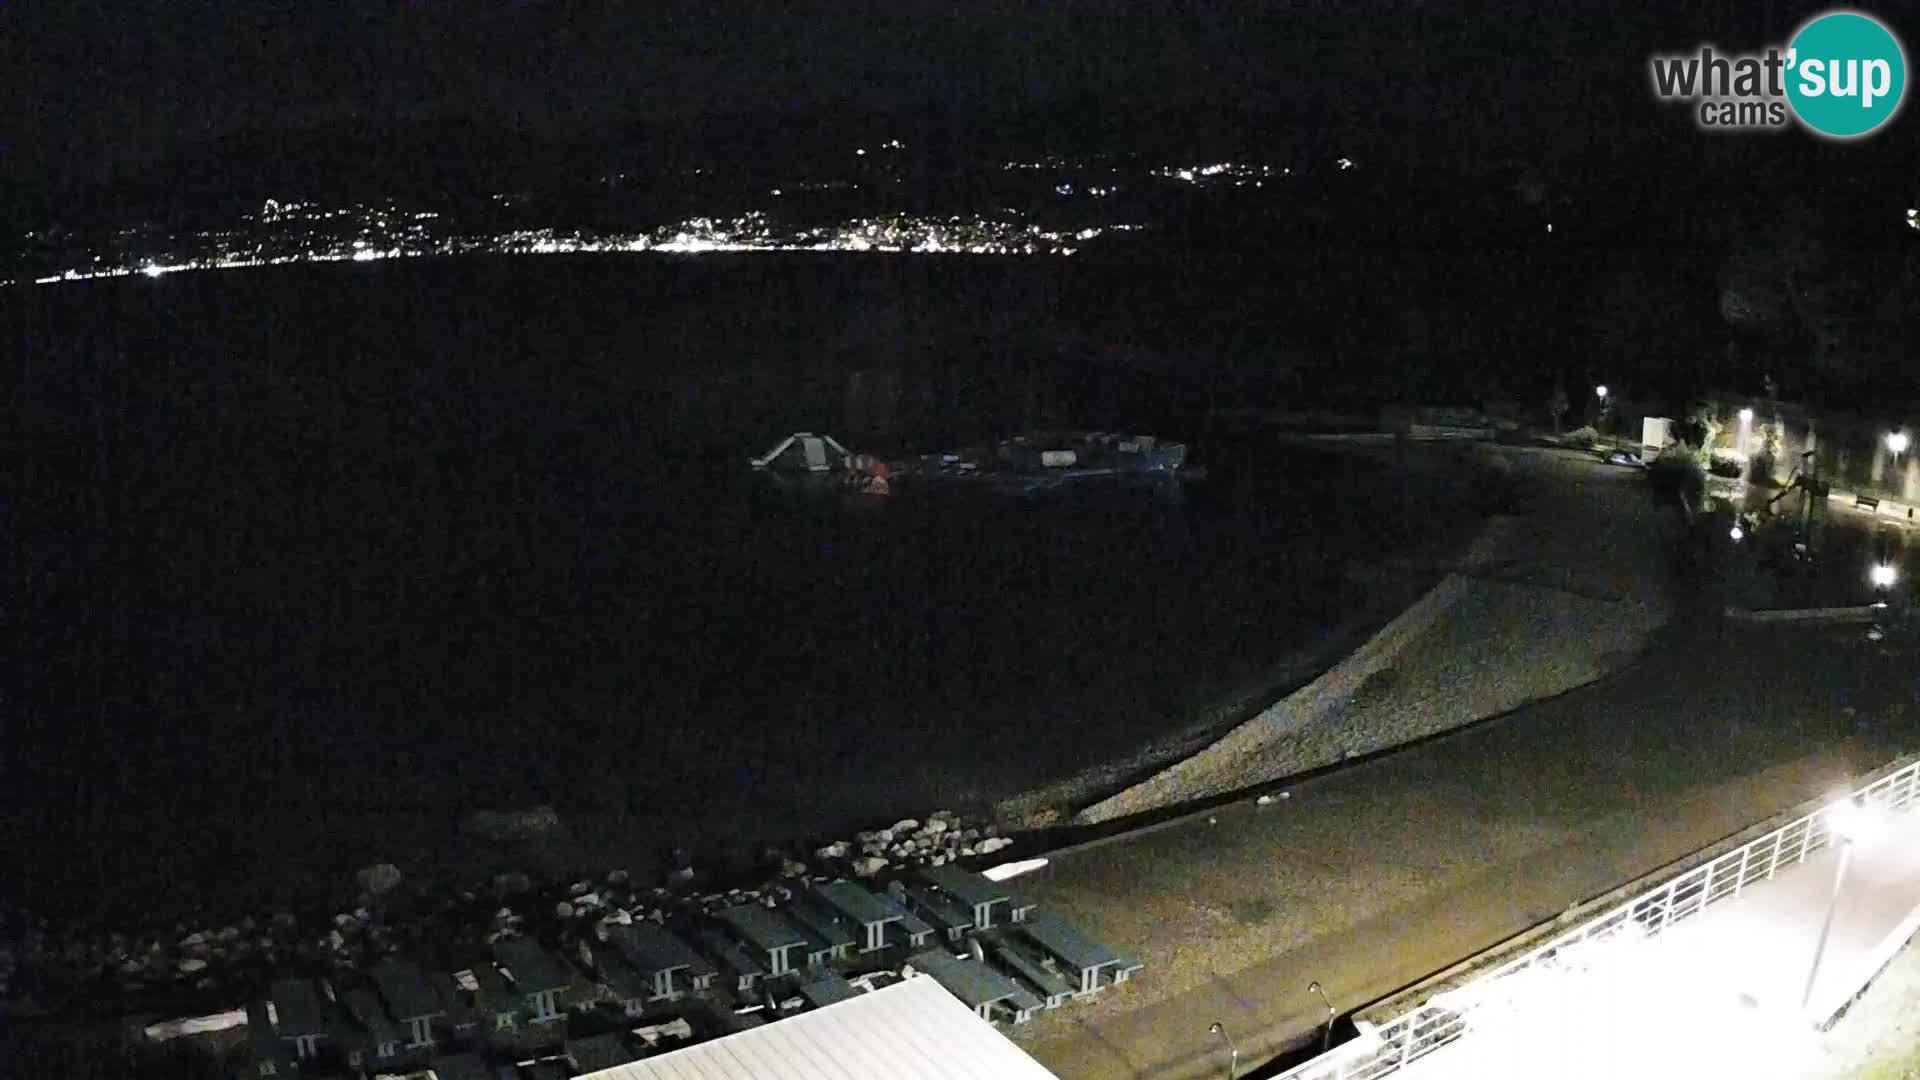 LIVE Webcam Fiume spiaggia piscine Kantrida